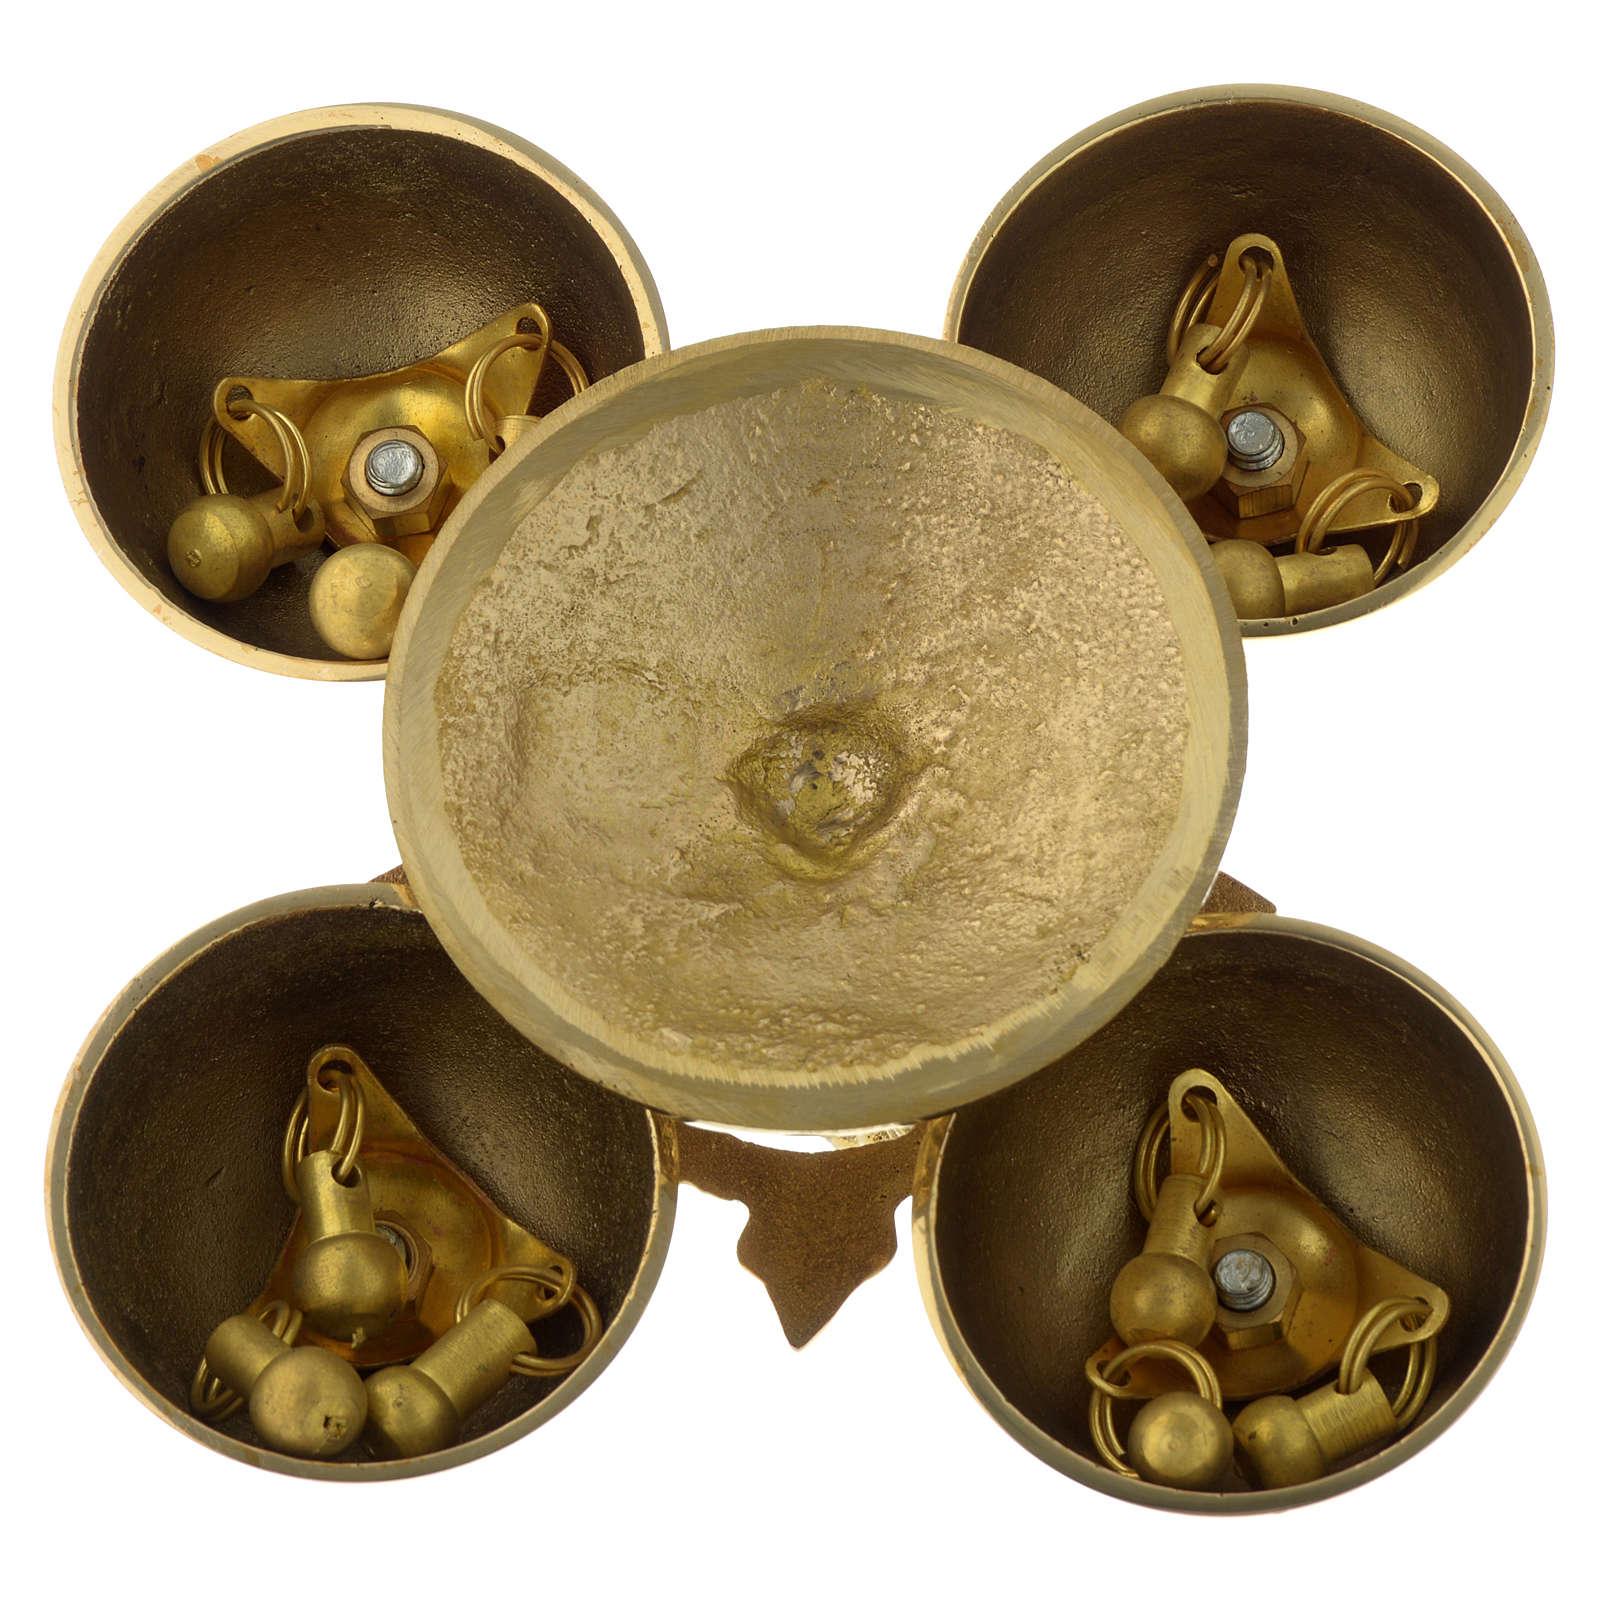 Campanello liturgico quattro suoni ottone dorato 3